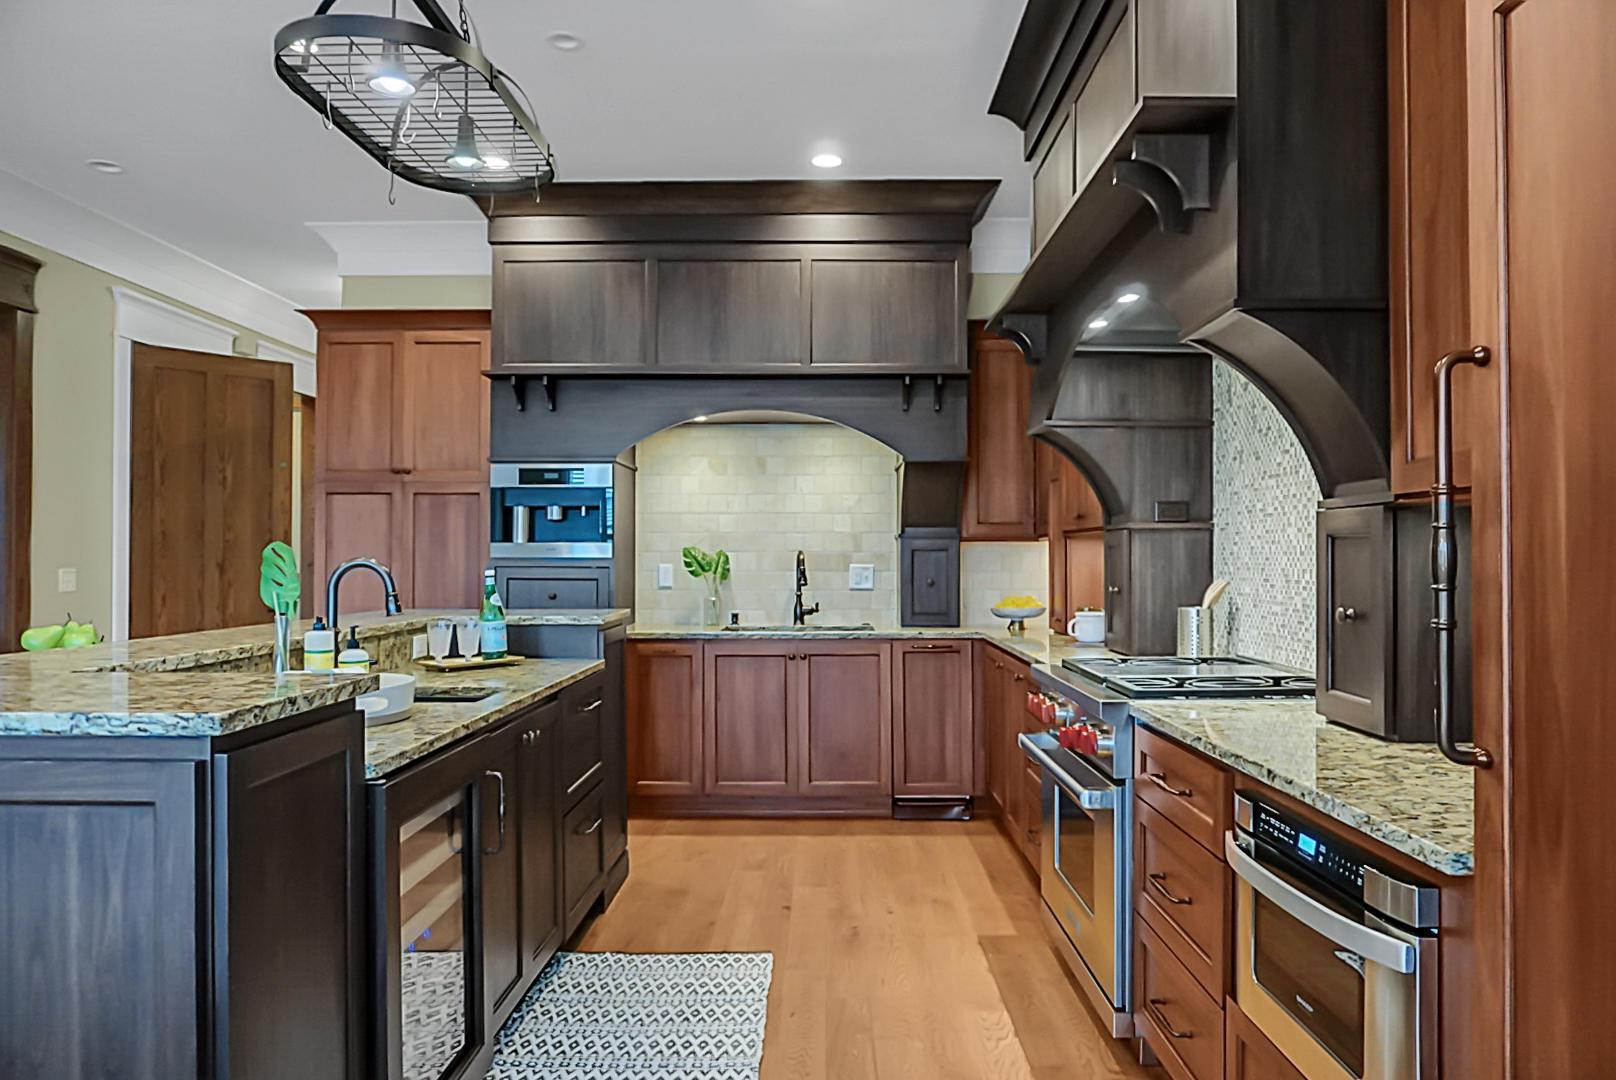 Dunes West Homes For Sale - 2978 River Vista, Mount Pleasant, SC - 77